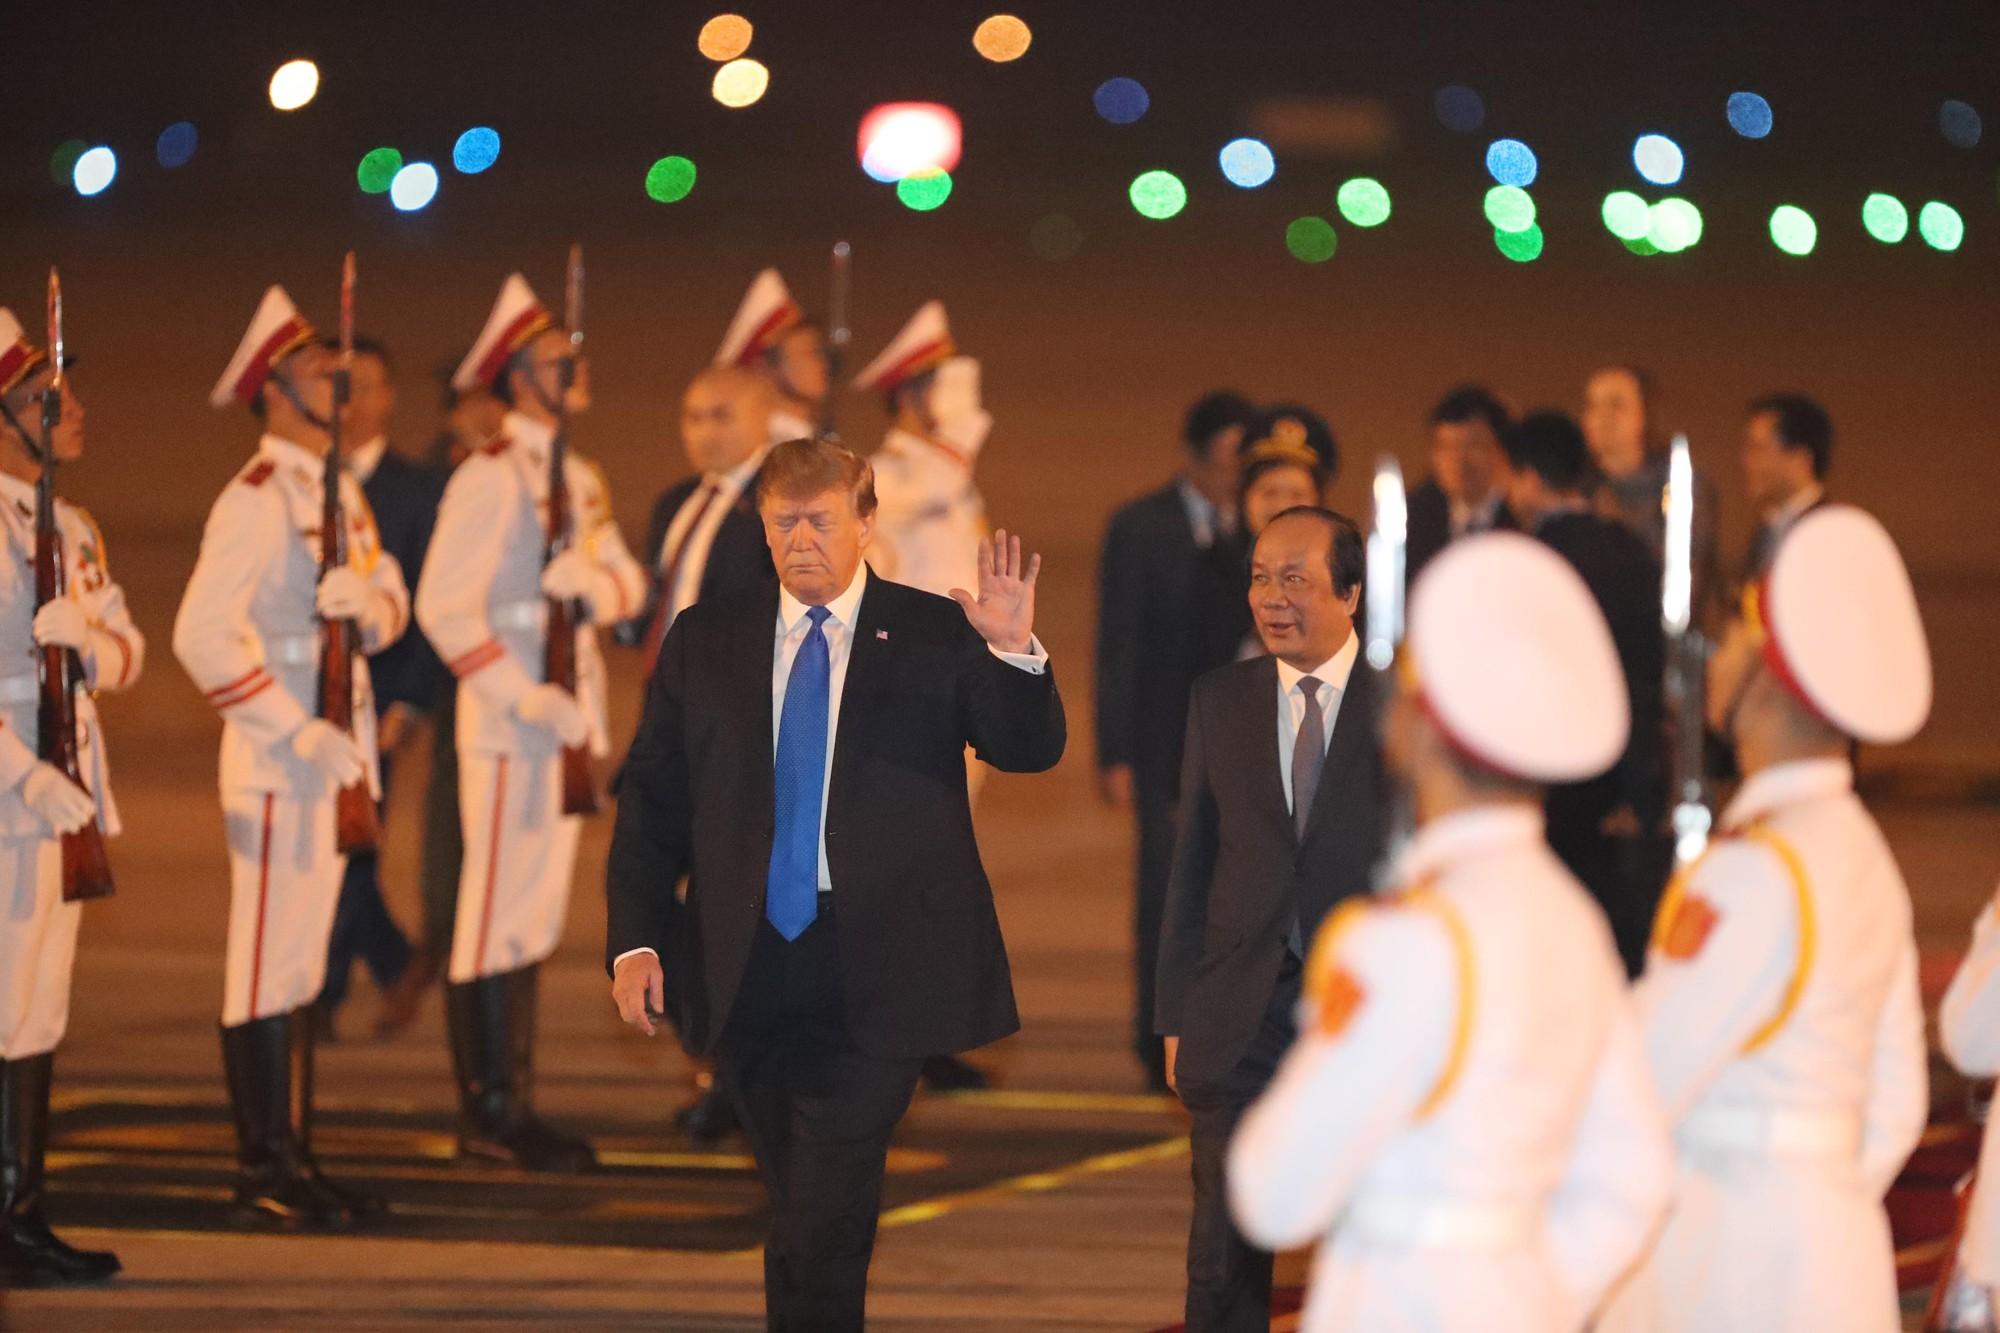 Toàn cảnh Hà Nội chào đón Tổng thống Mỹ Donald Trump - Ảnh 8.